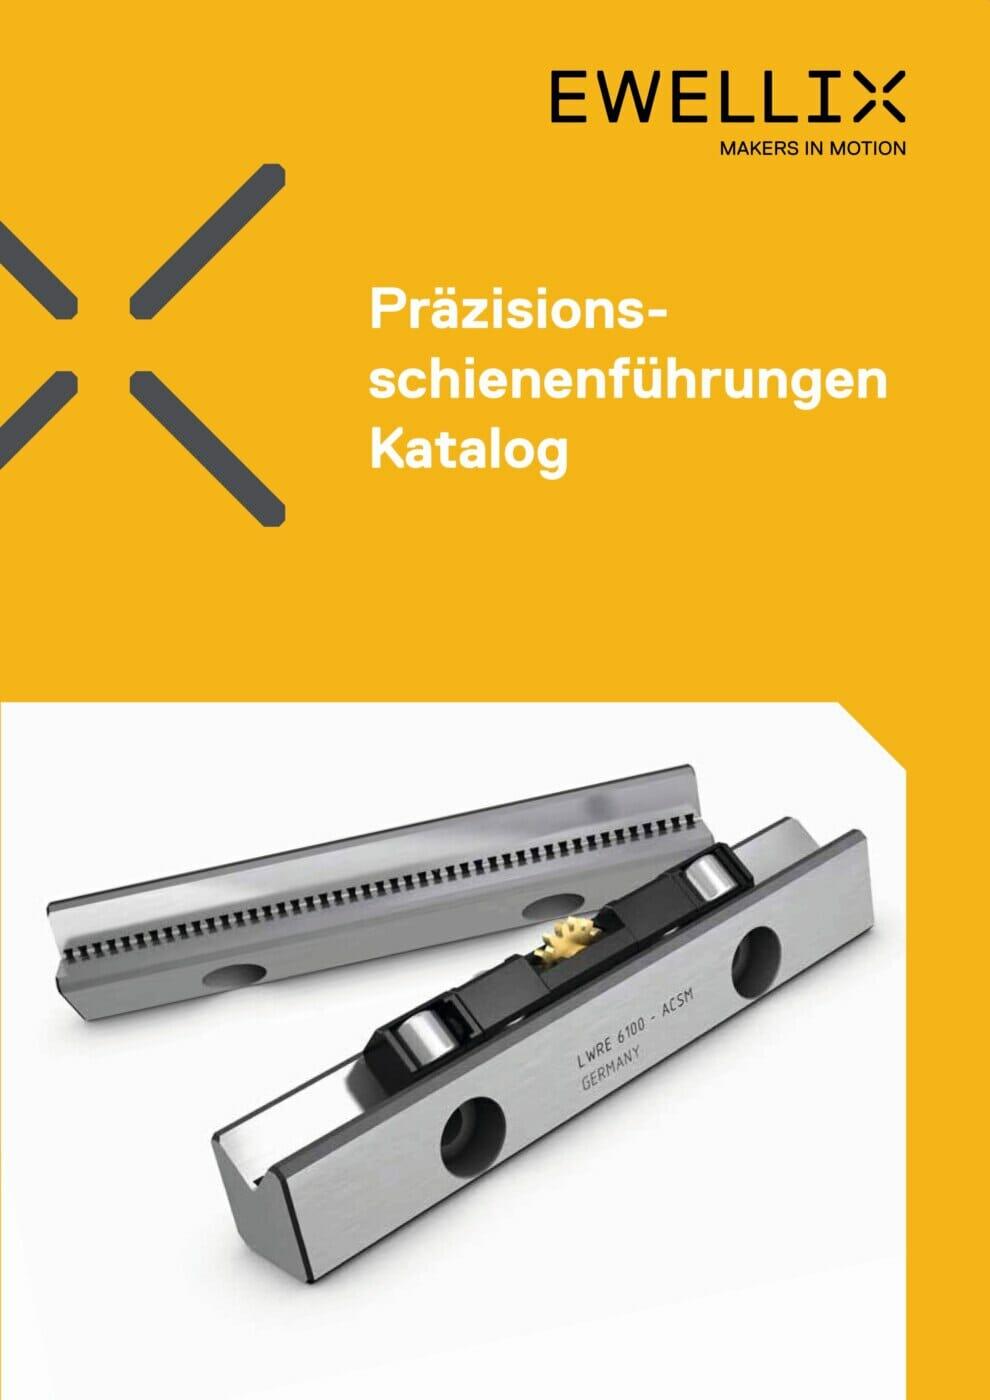 Präzisionsschienenführungen: Neuer Katalog mit Mehrwert